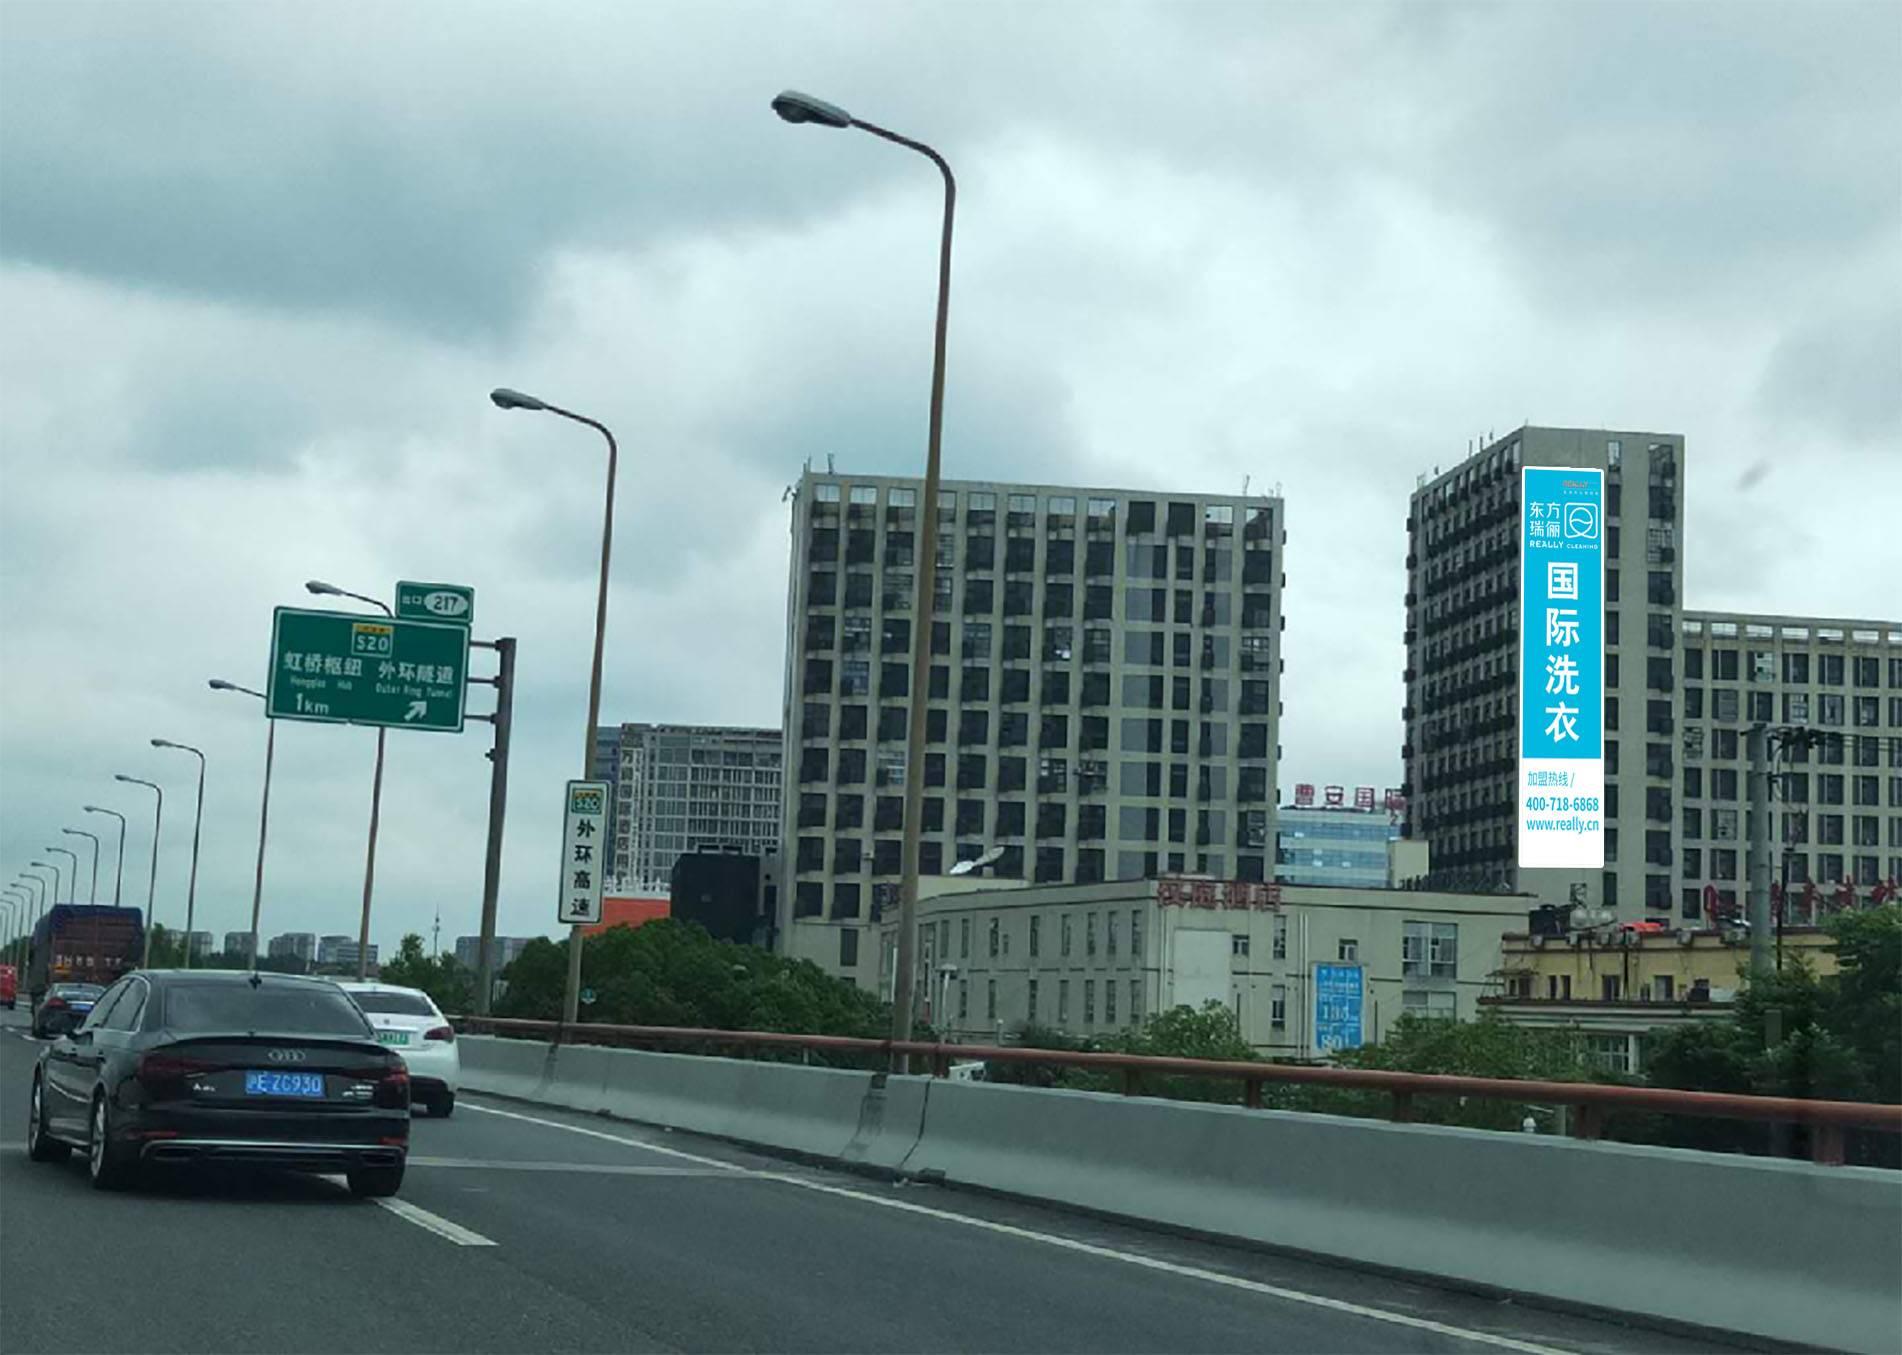 沪宁高速户外广告大牌(投放时间:一年)